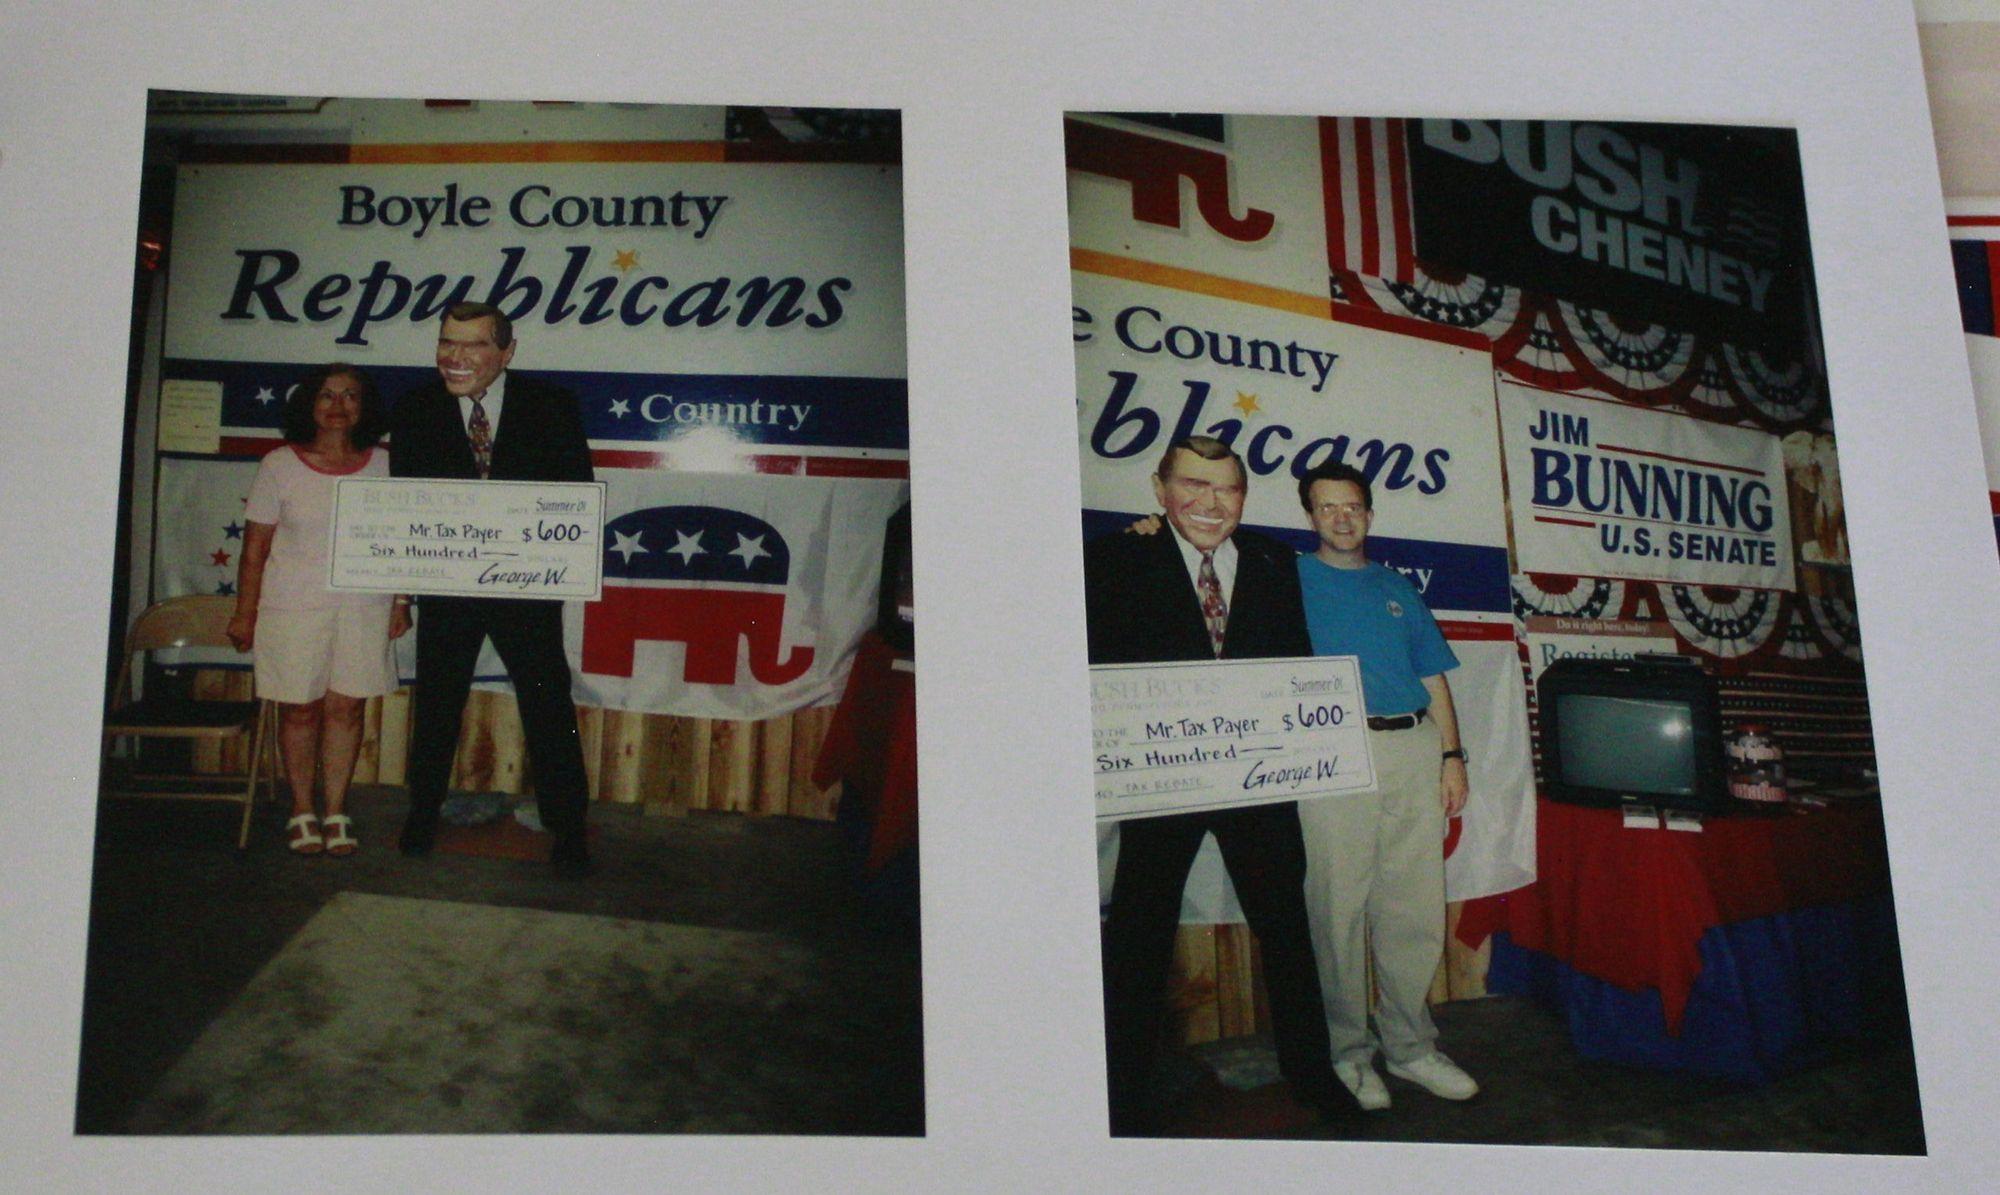 Boyle County Republicans